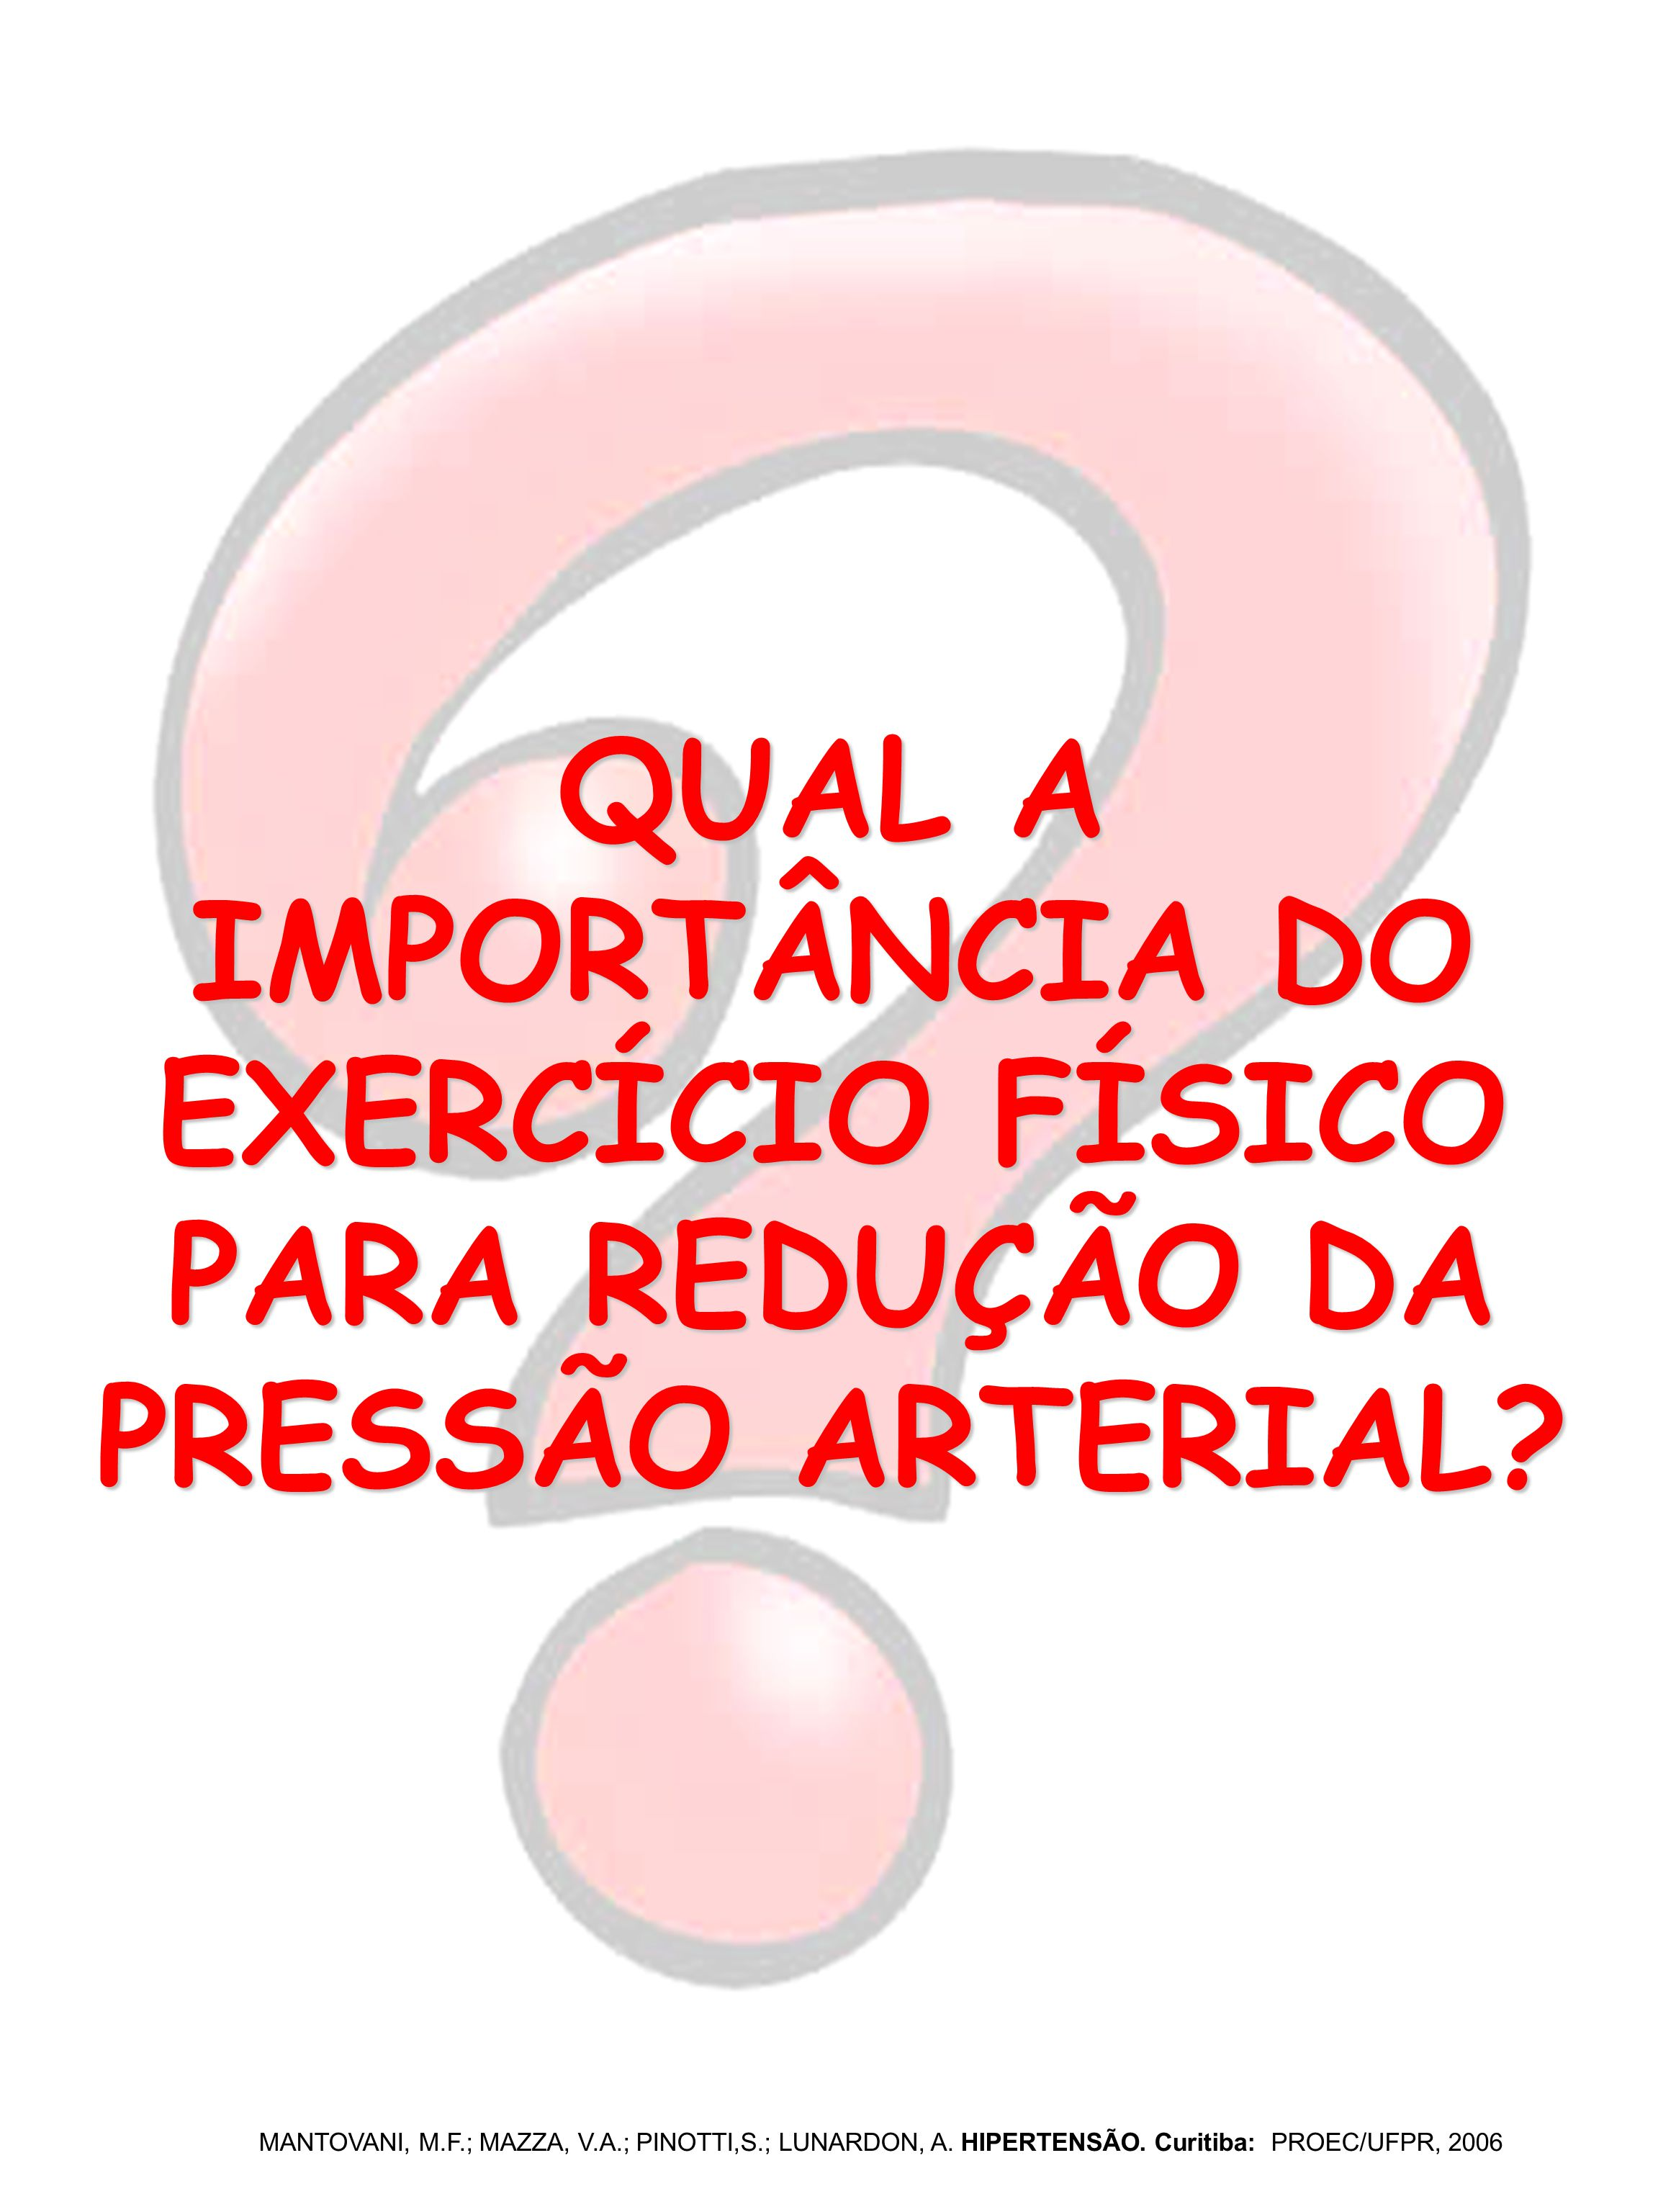 QUAL A IMPORTÂNCIA DO EXERCÍCIO FÍSICO PARA REDUÇÃO DA PRESSÃO ARTERIAL? MANTOVANI, M.F.; MAZZA, V.A.; PINOTTI,S.; LUNARDON, A. HIPERTENSÃO. Curitiba: